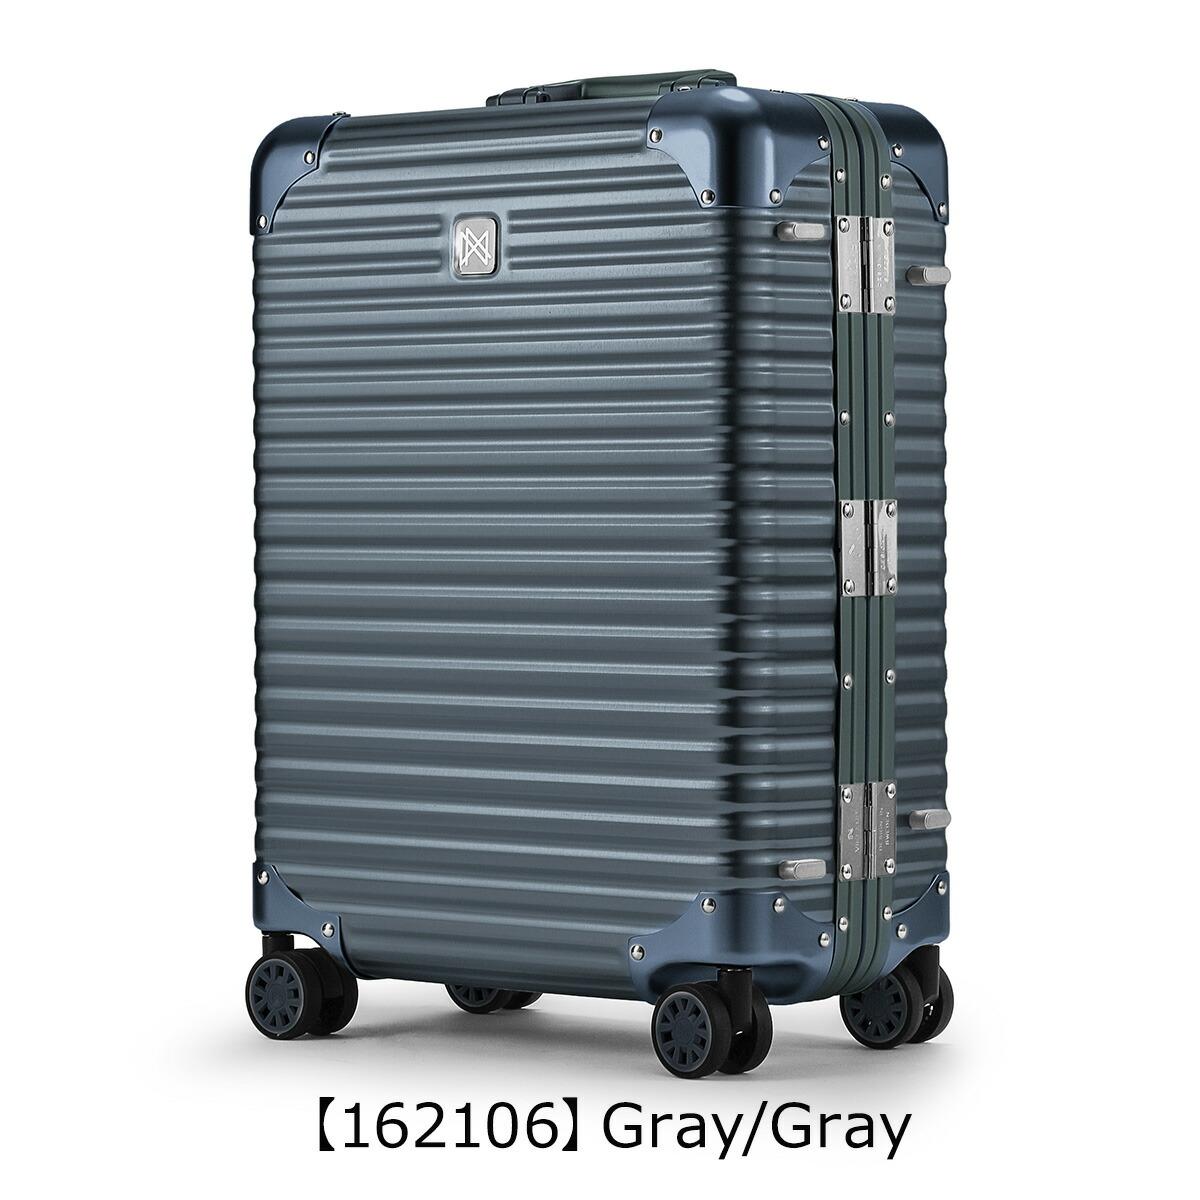 【162106】Gray/Gray